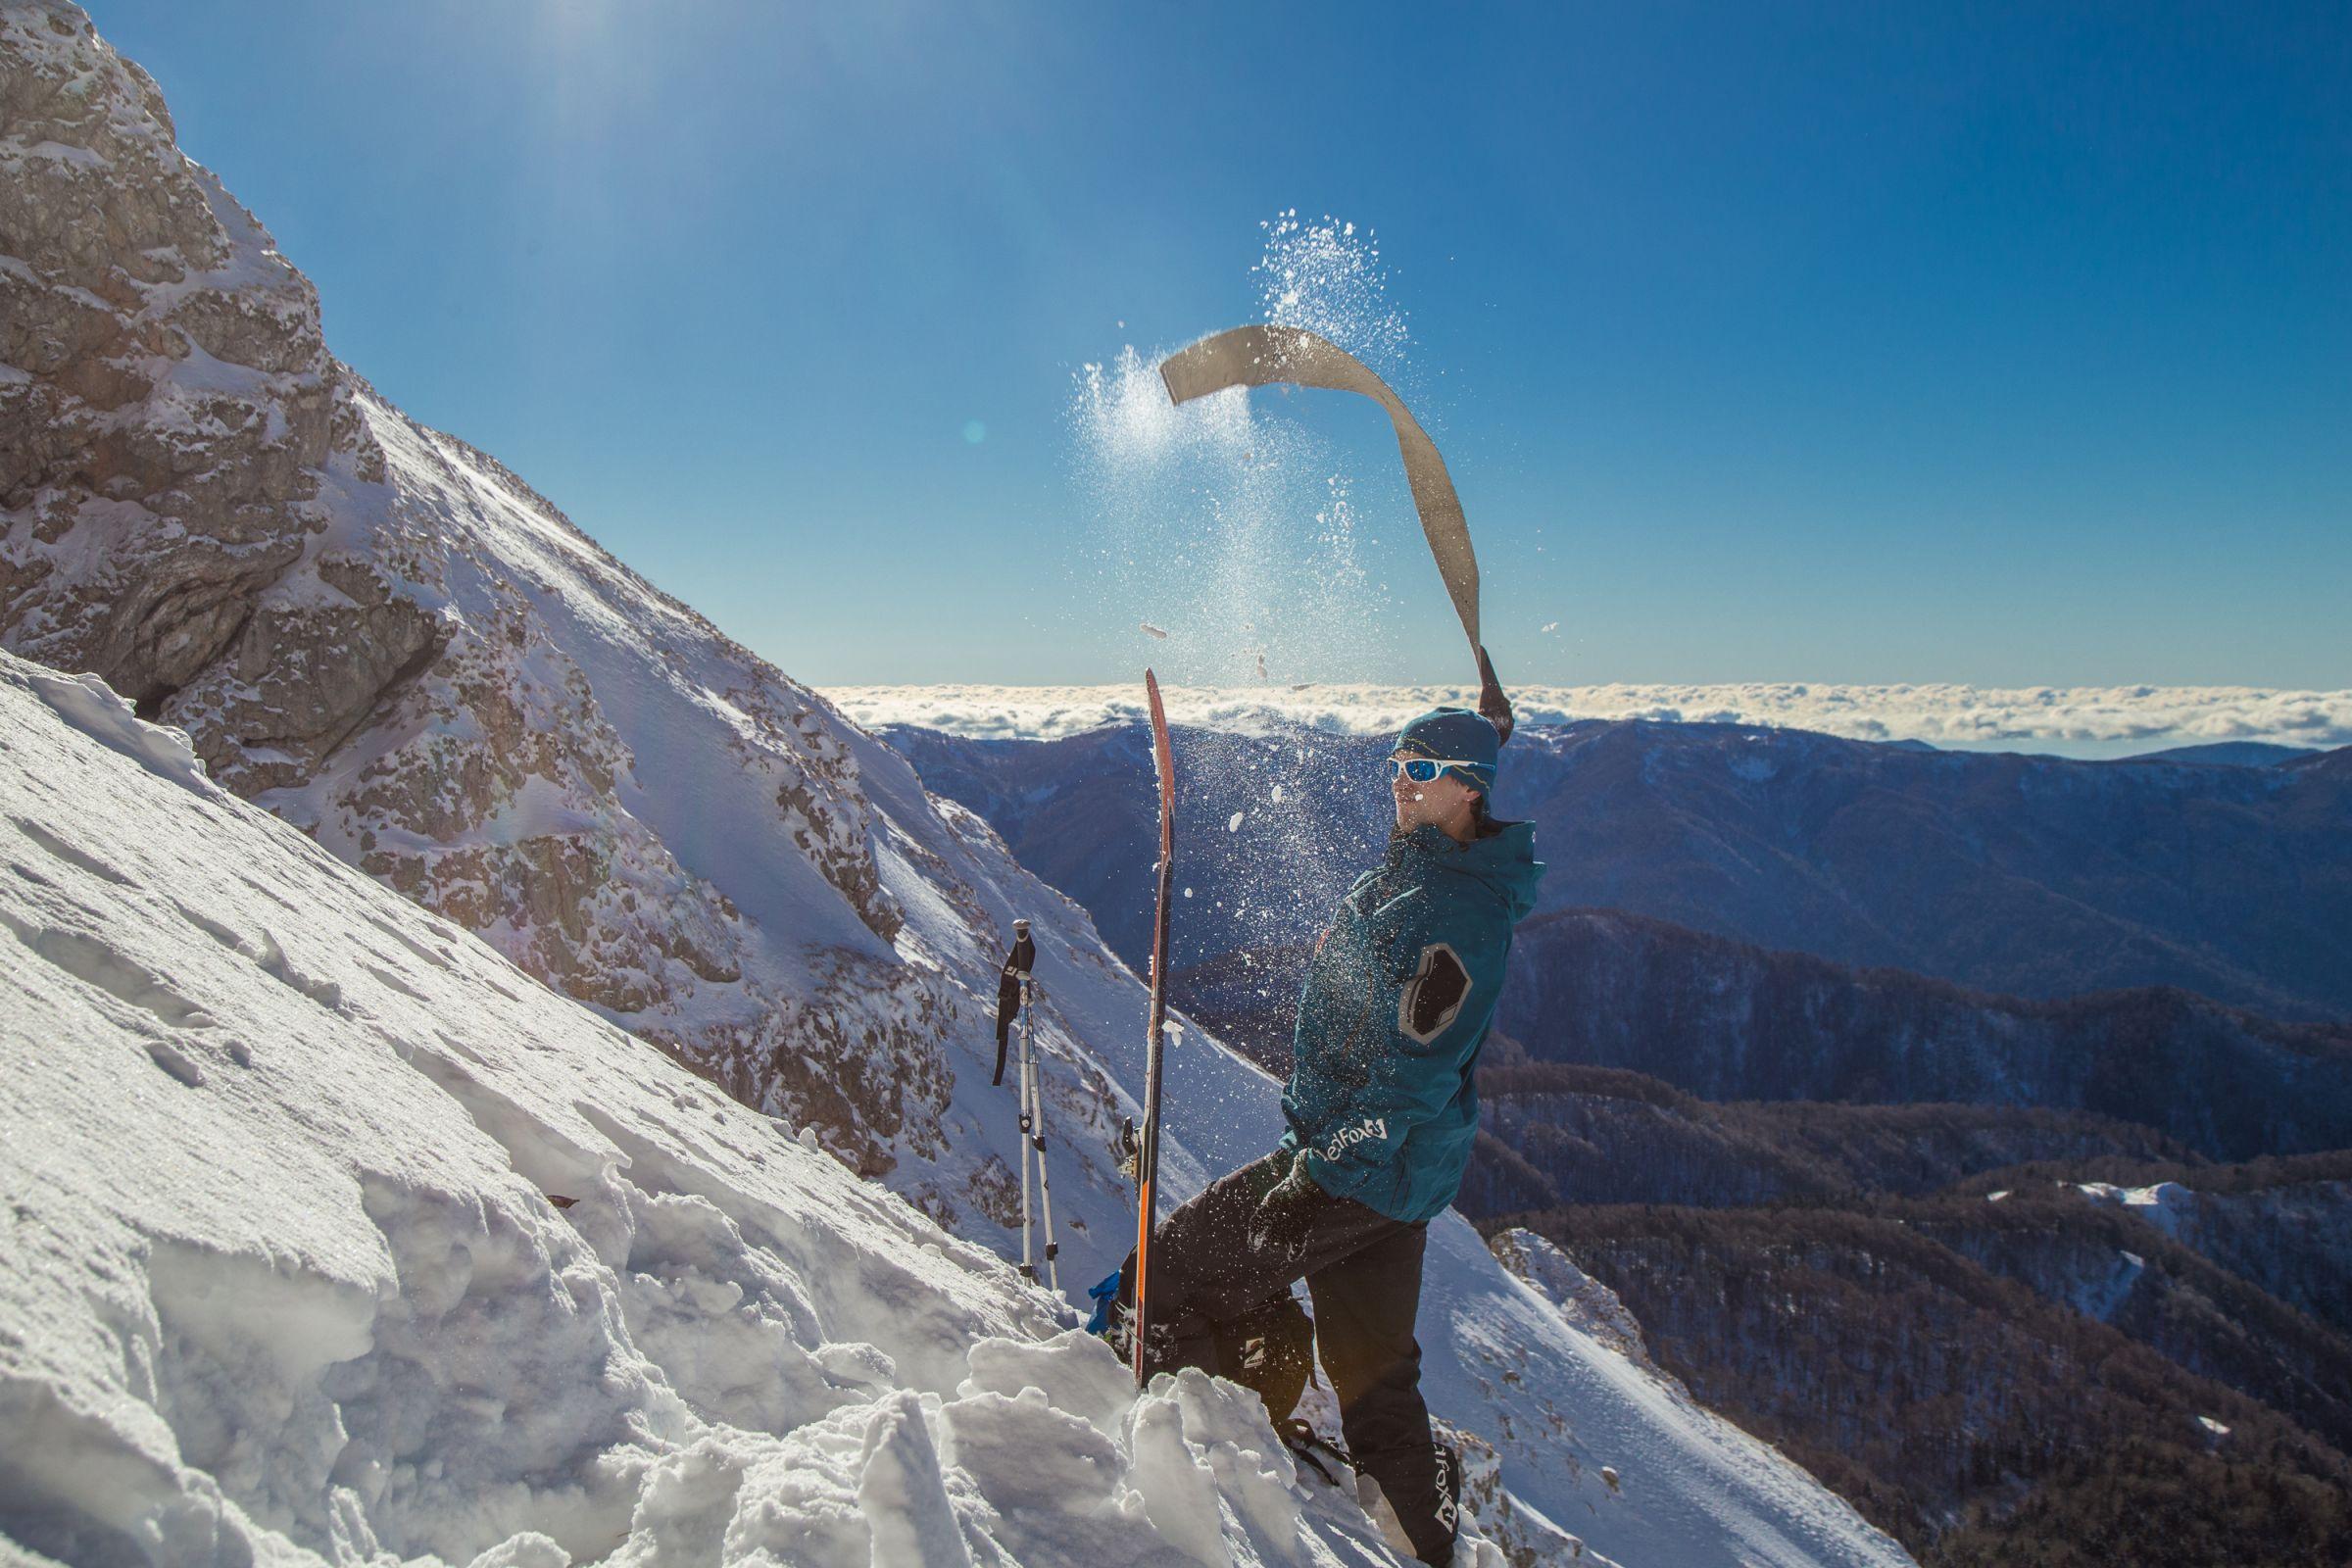 Список снаряжения для ски-тура: камус